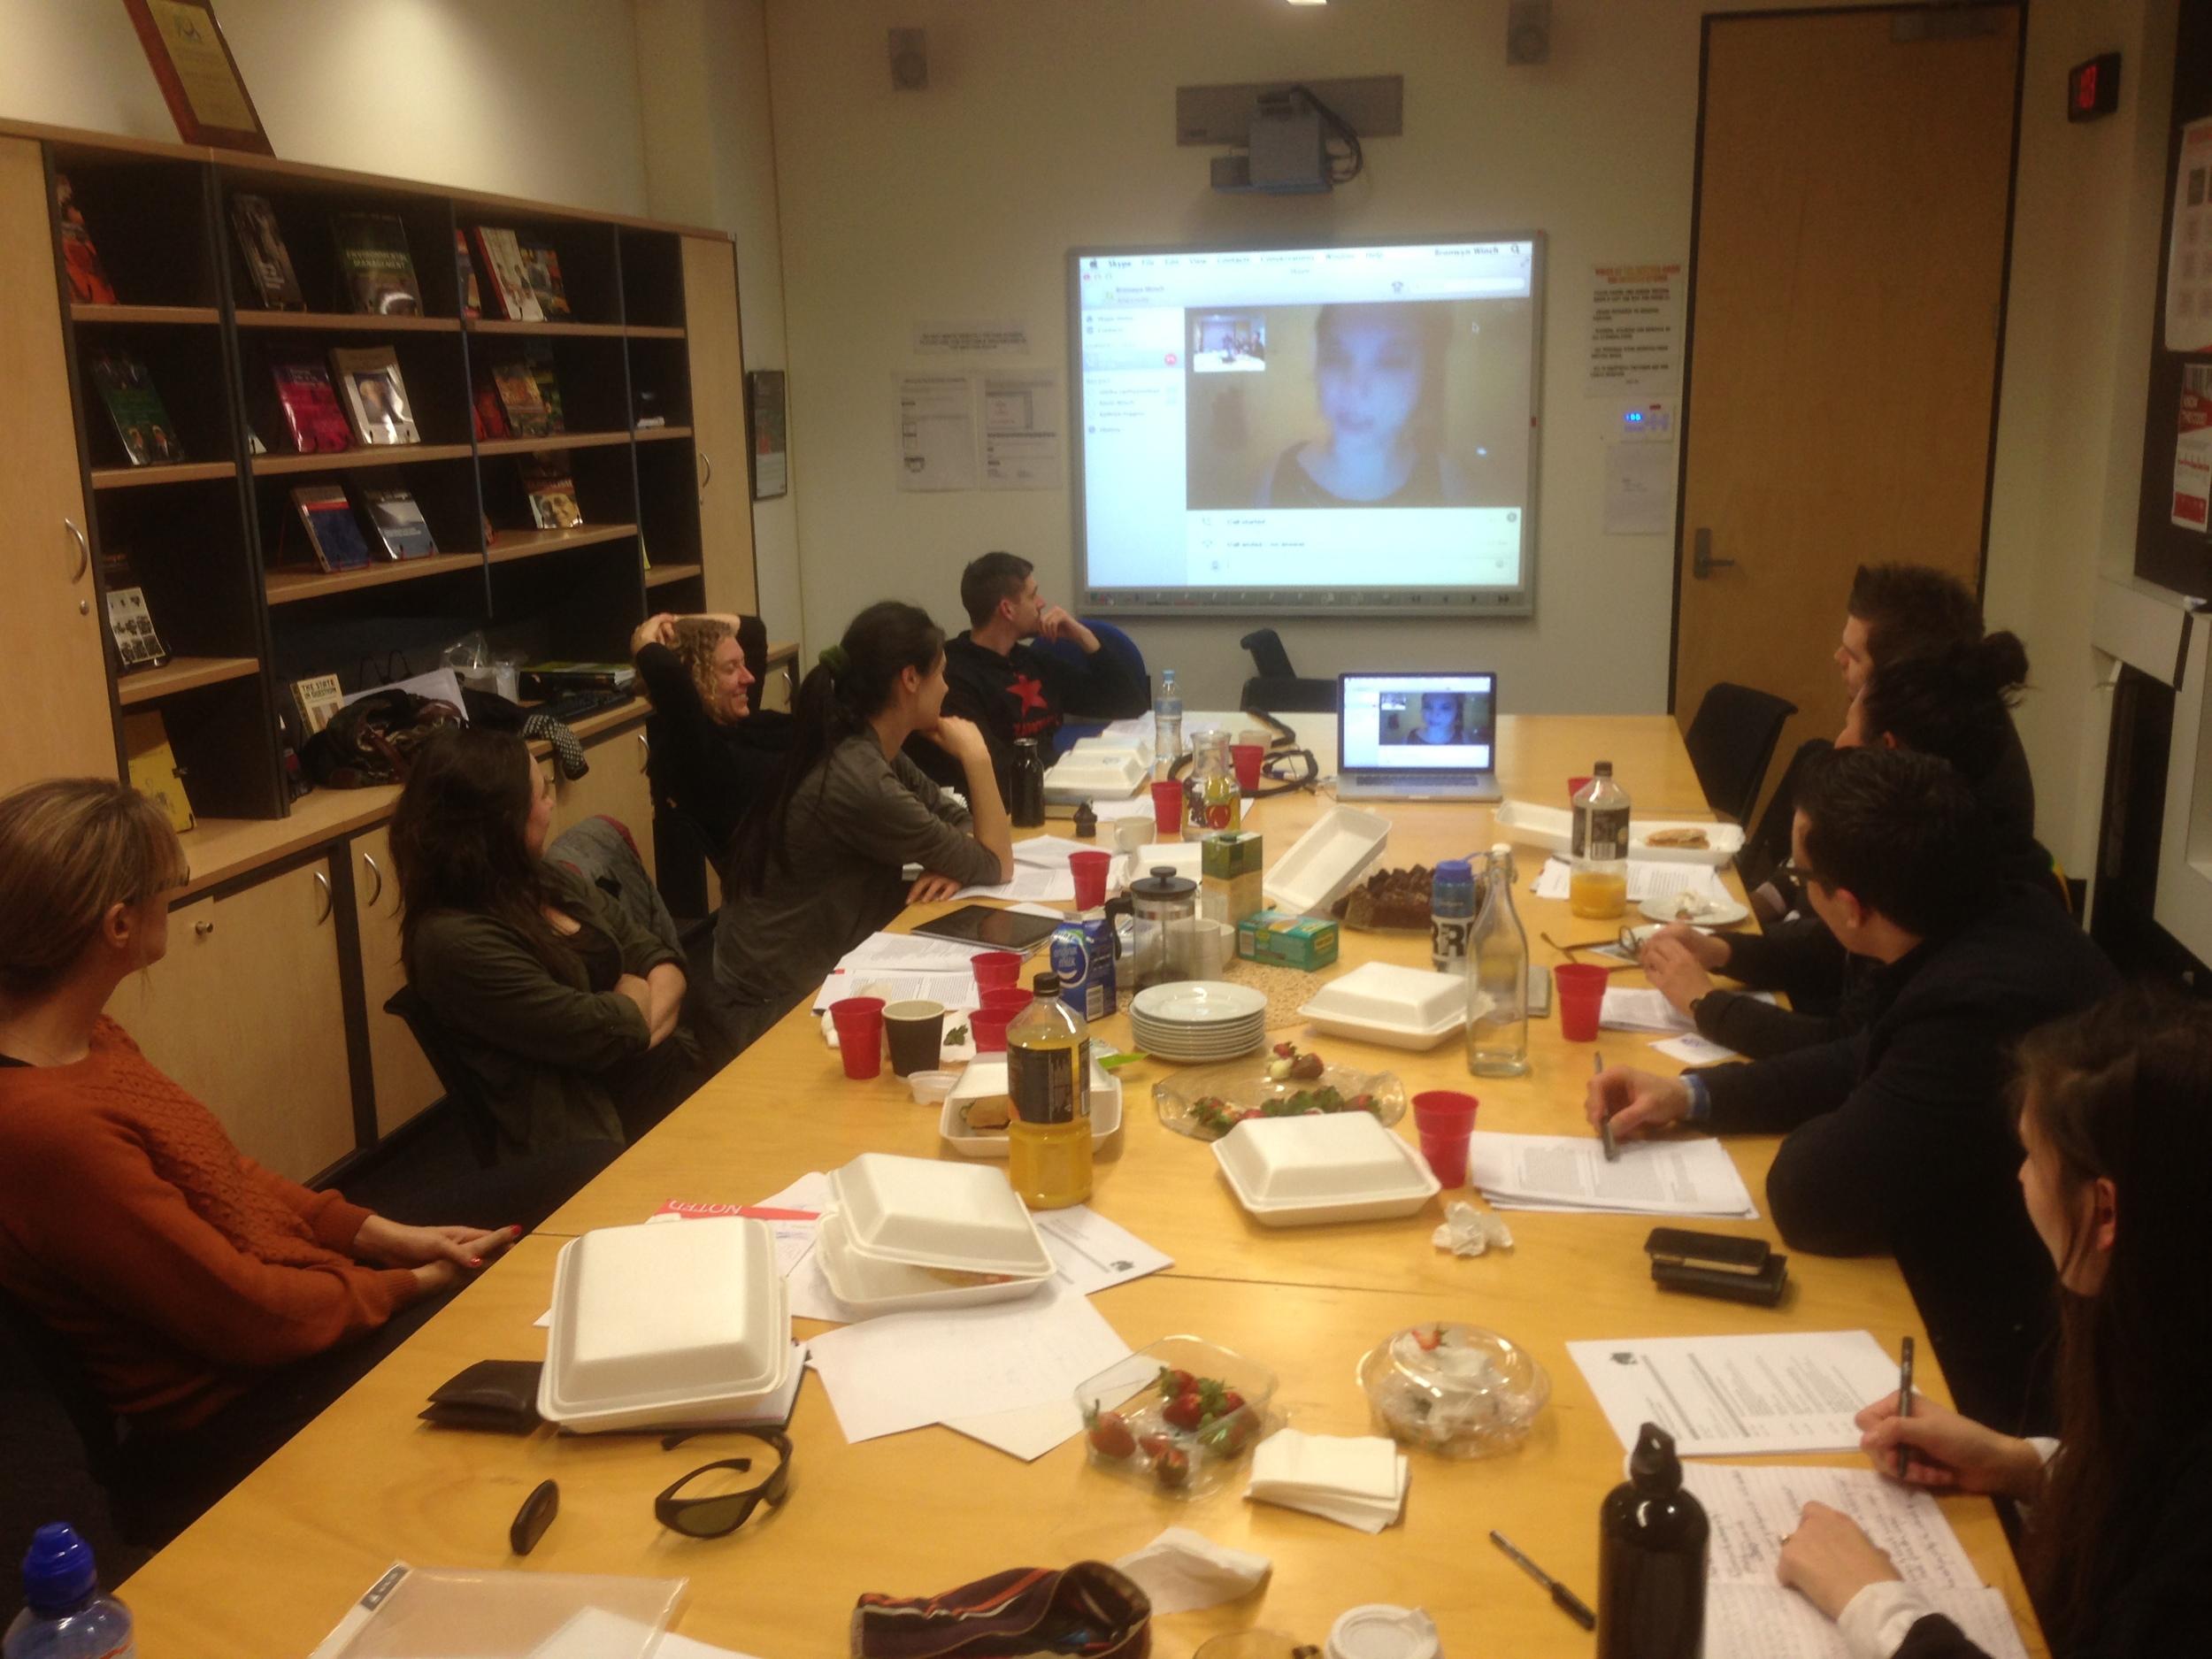 TLR Program Workshop in 2013, RMIT University, Melbourne. Presentation in progress via Skype by Kathryn Higgins.